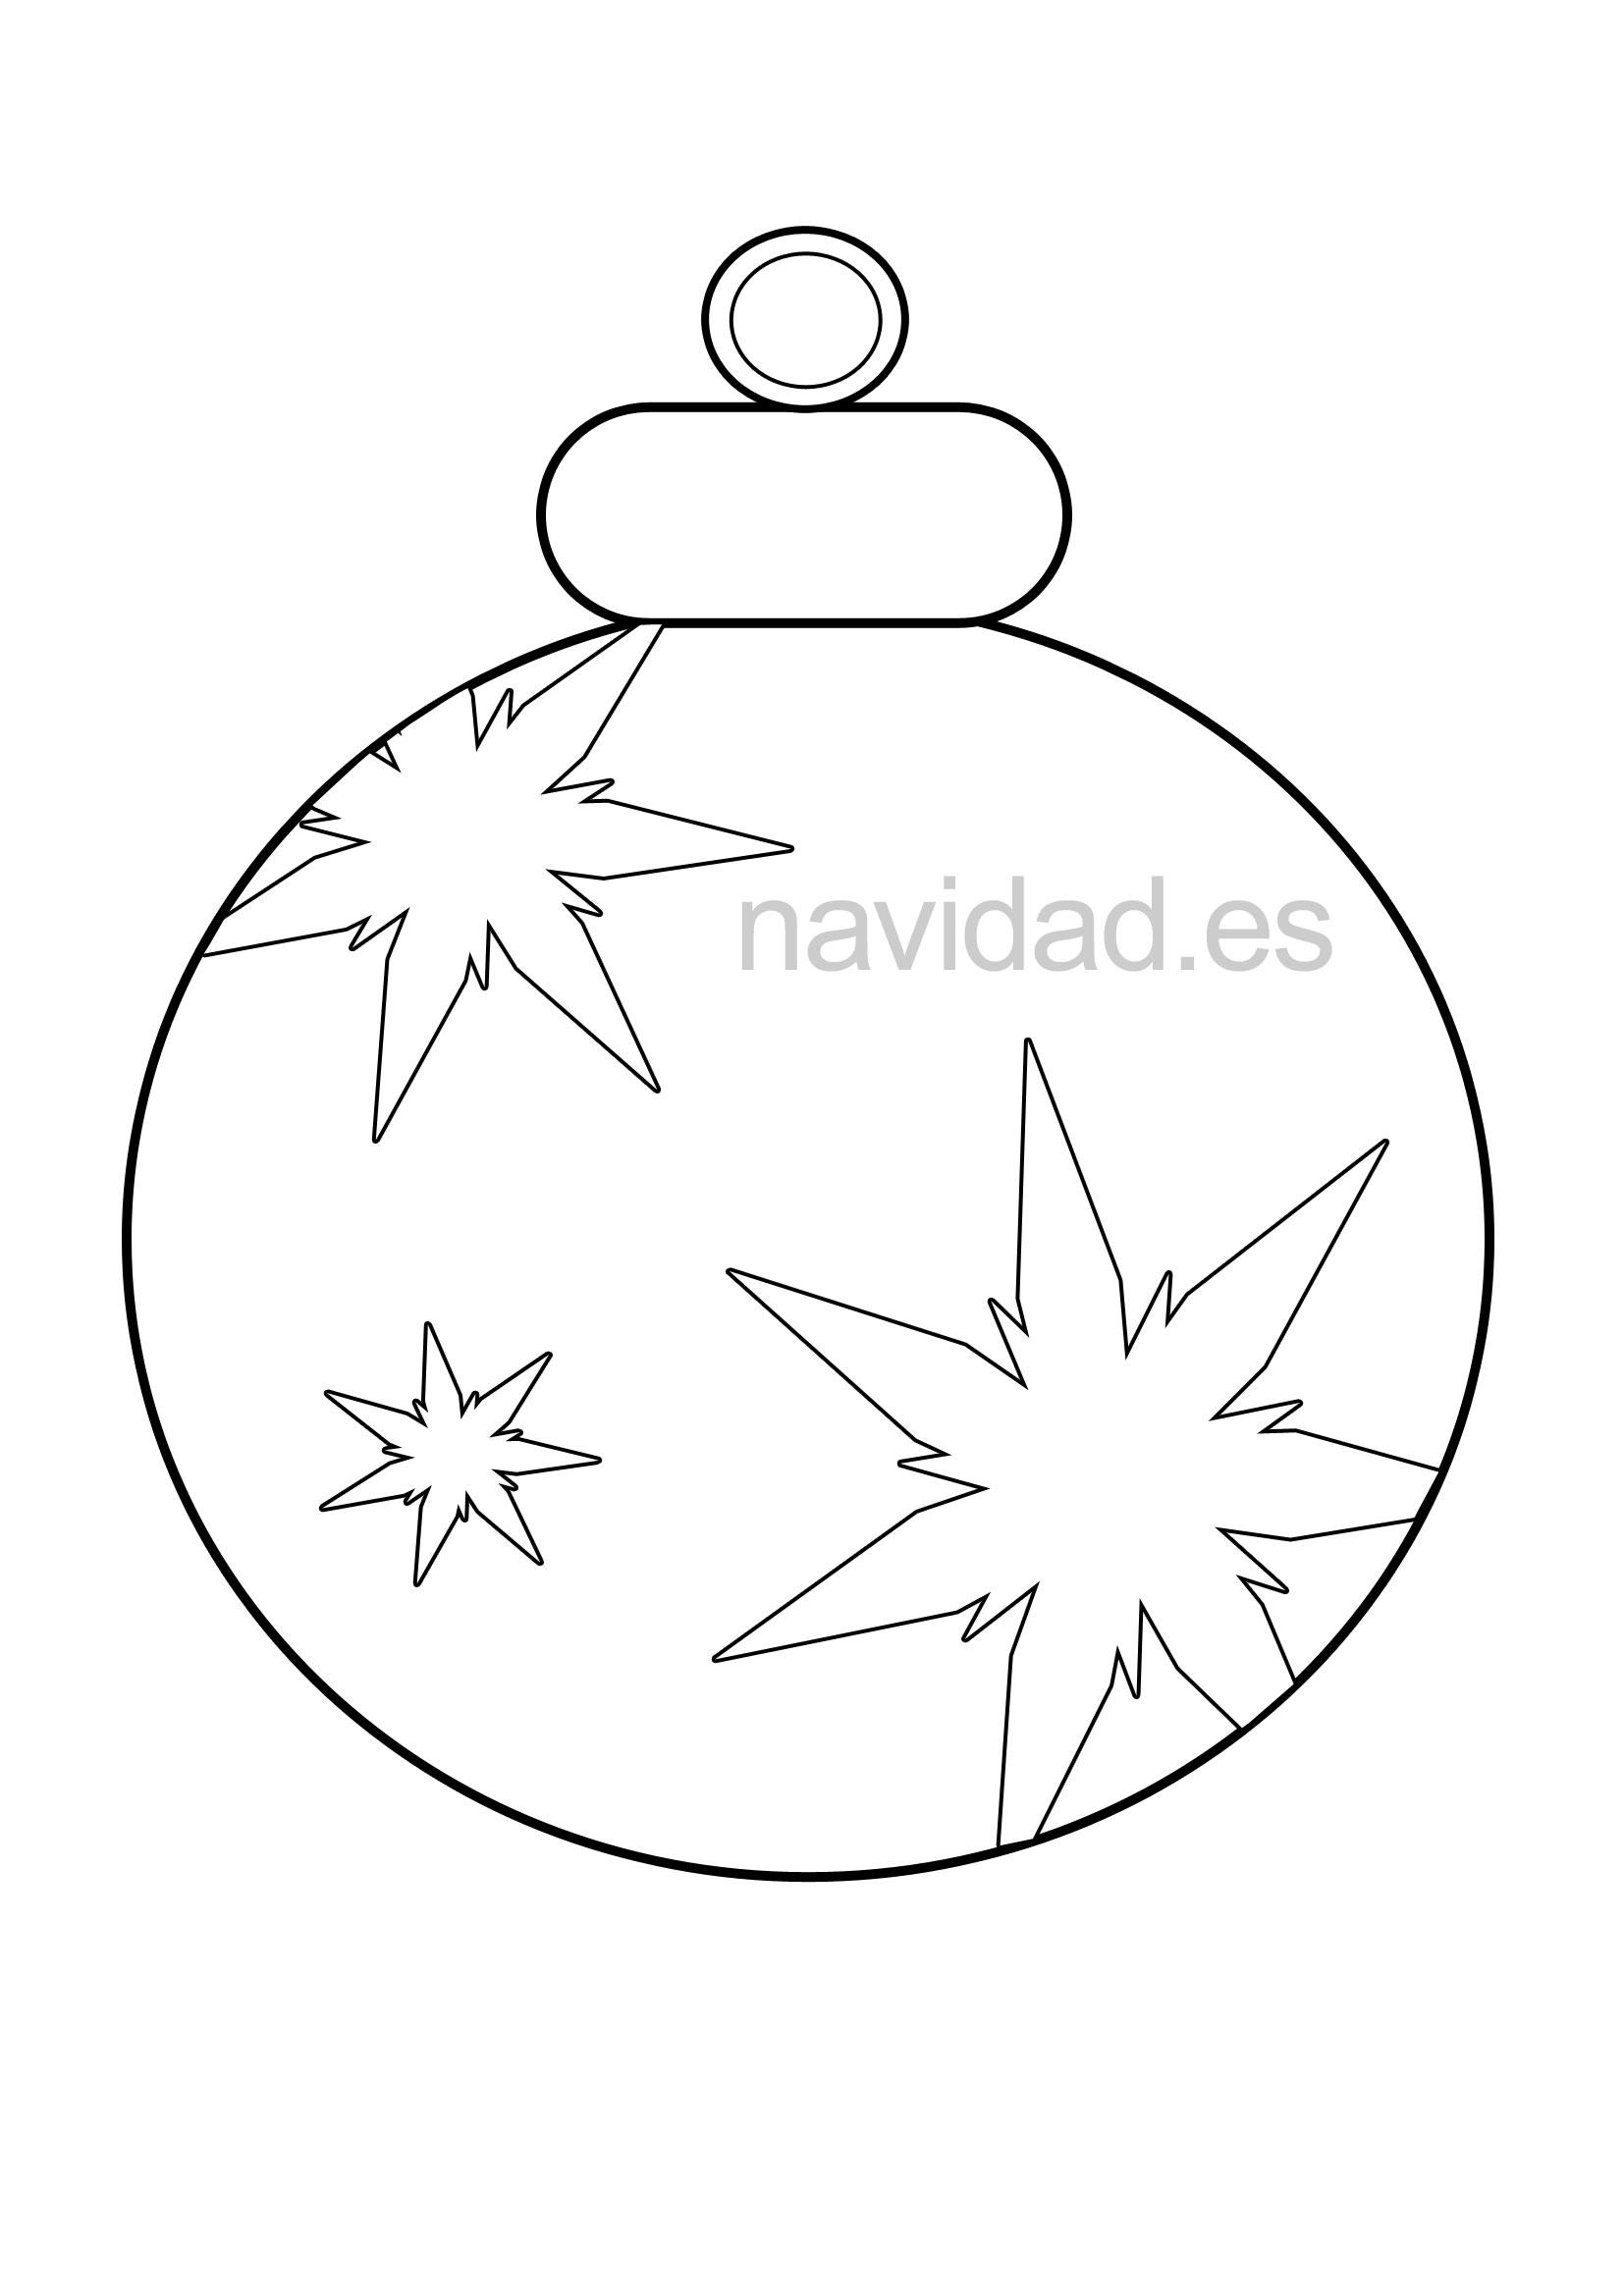 Esferas Navideos Para Colorear. Dibujo De Un Crculo Con Esferas ...